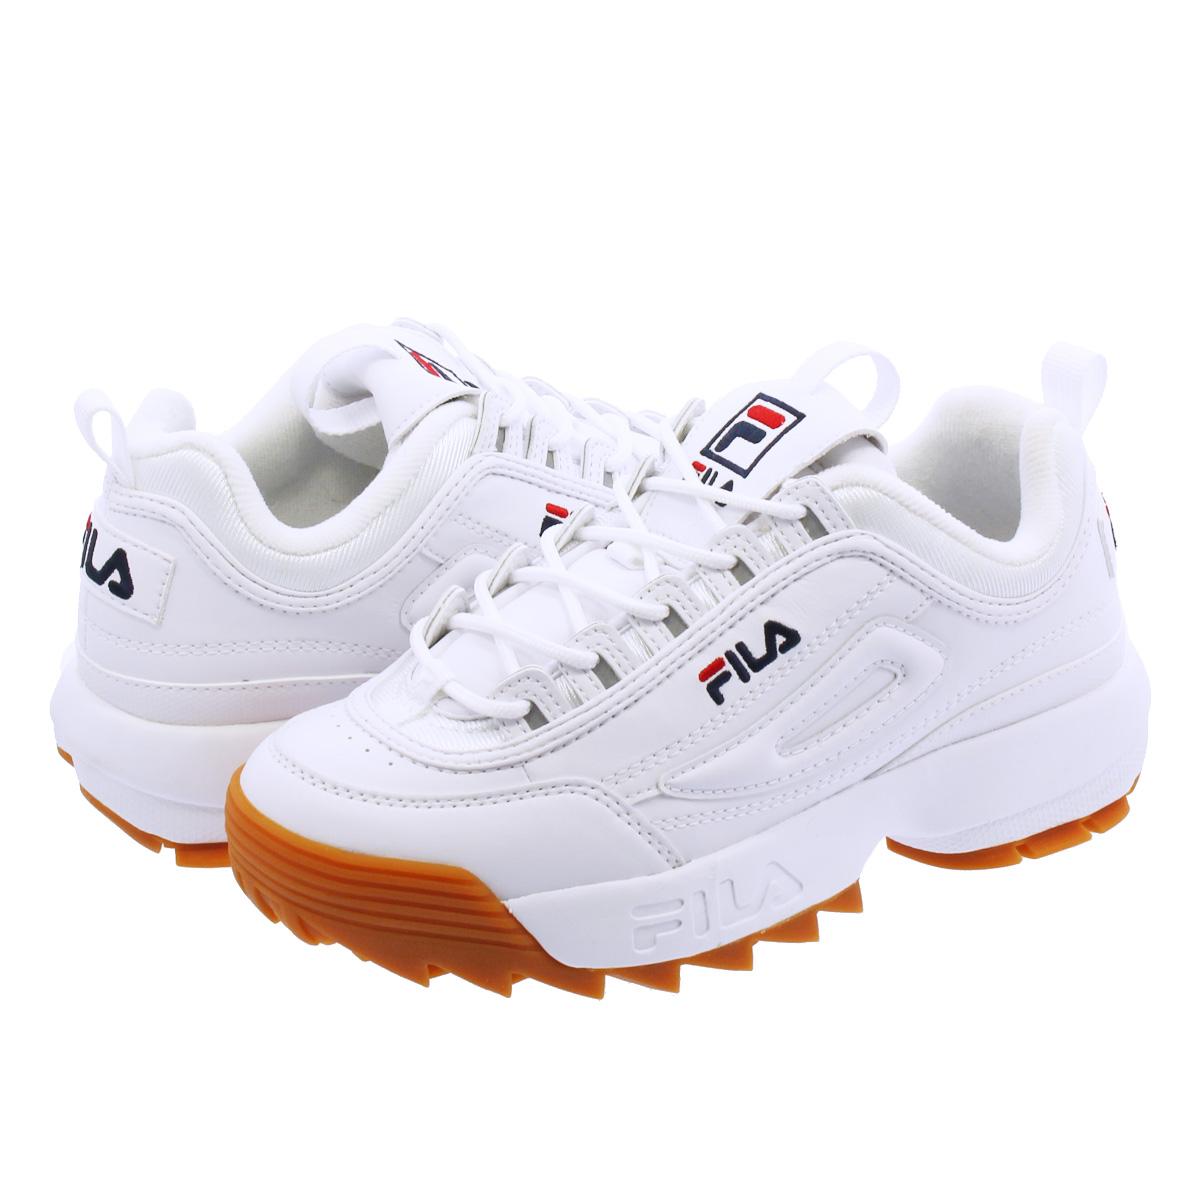 【国内店舗限定モデル】 FILA DISRUPTOR 2 フィラ ディスラプター 2 WHITE/BROWN f0215-0522